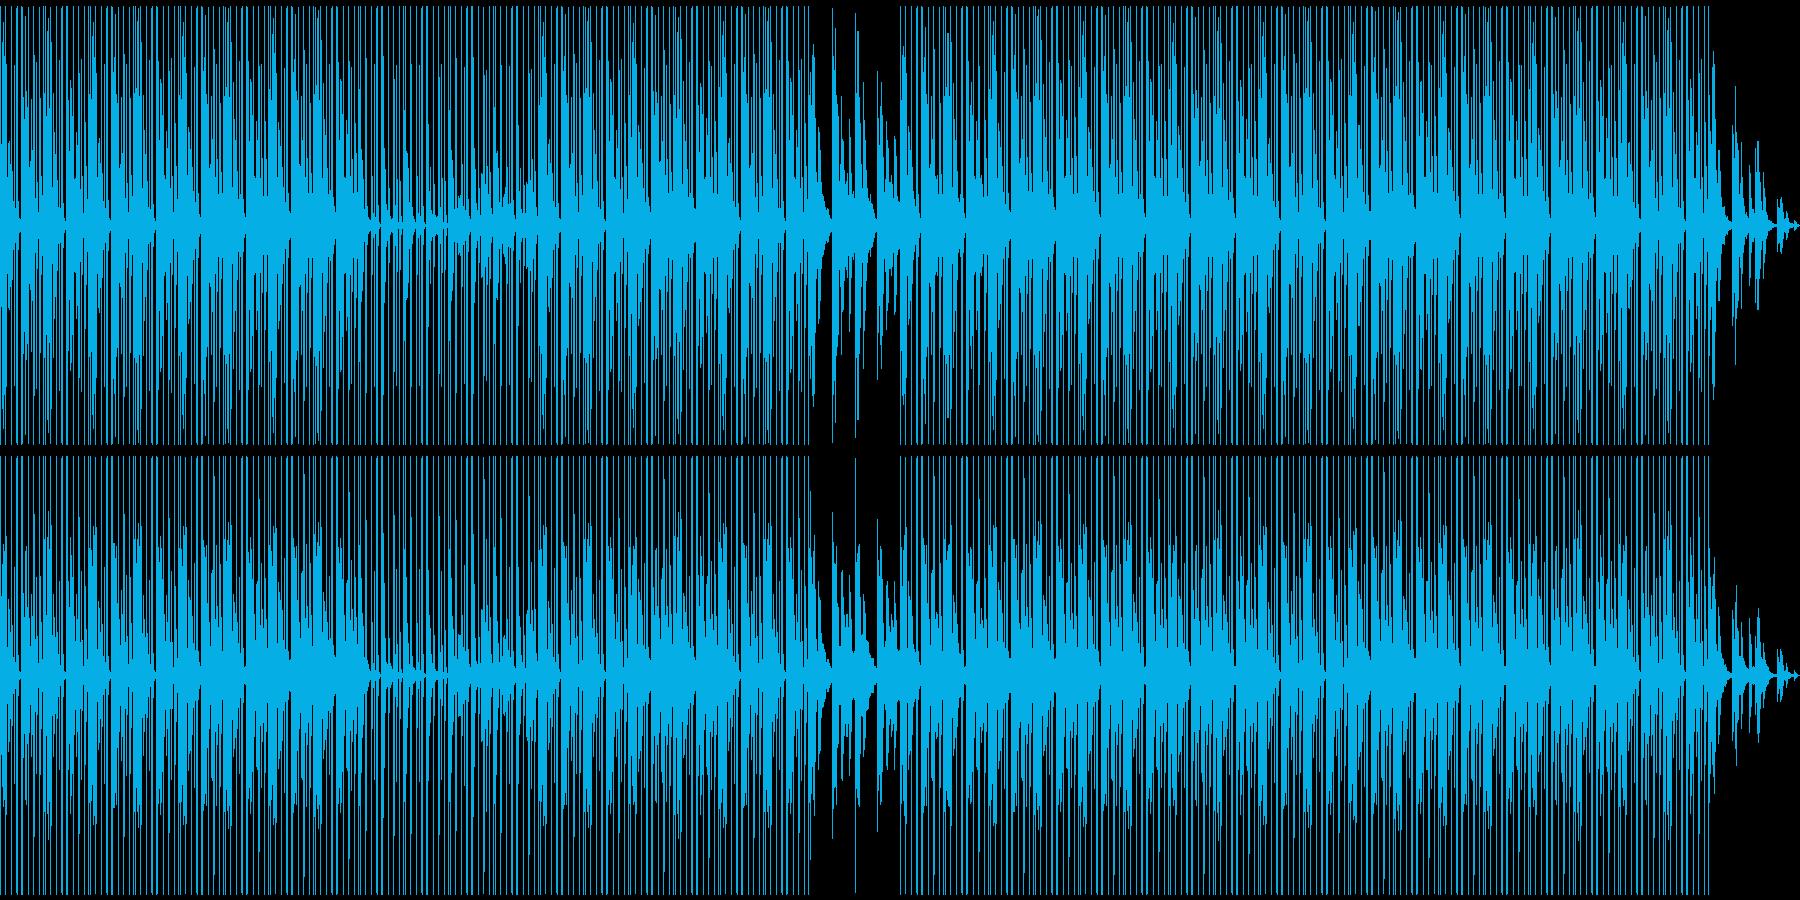 落ち着いた雰囲気のHIP-HOP風BGMの再生済みの波形